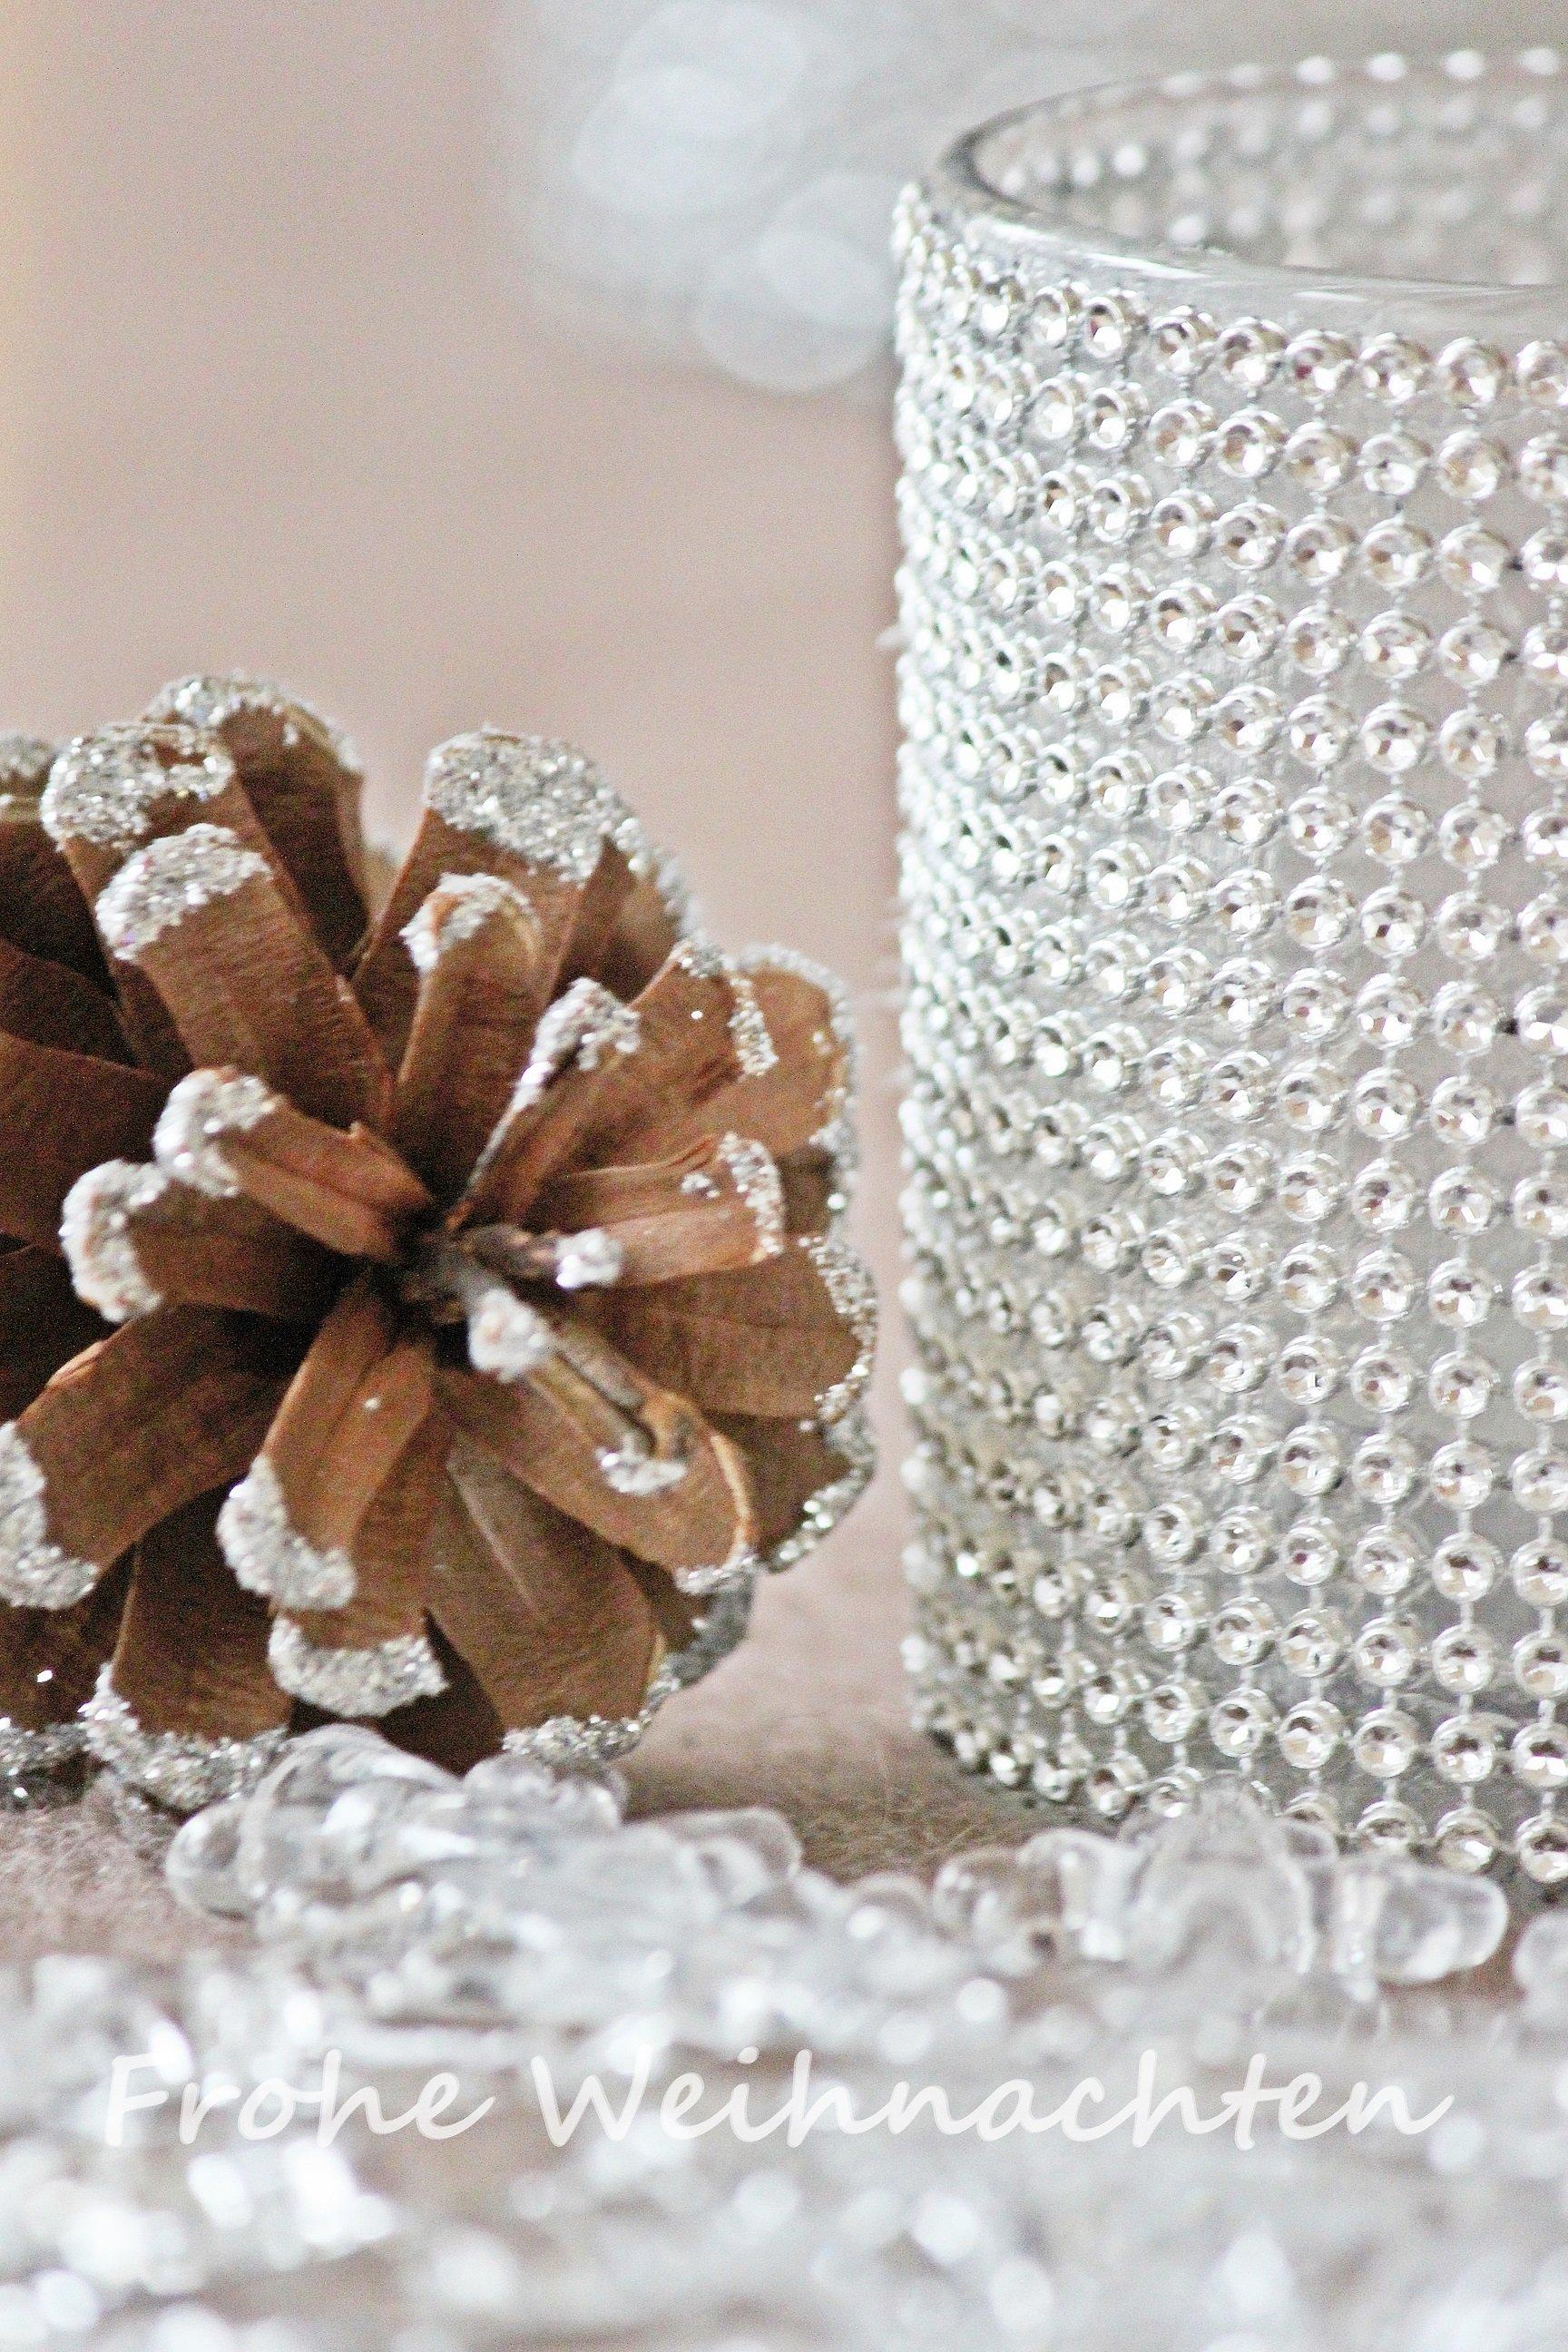 wundersch ne weihnachten charlottas k chentisch. Black Bedroom Furniture Sets. Home Design Ideas